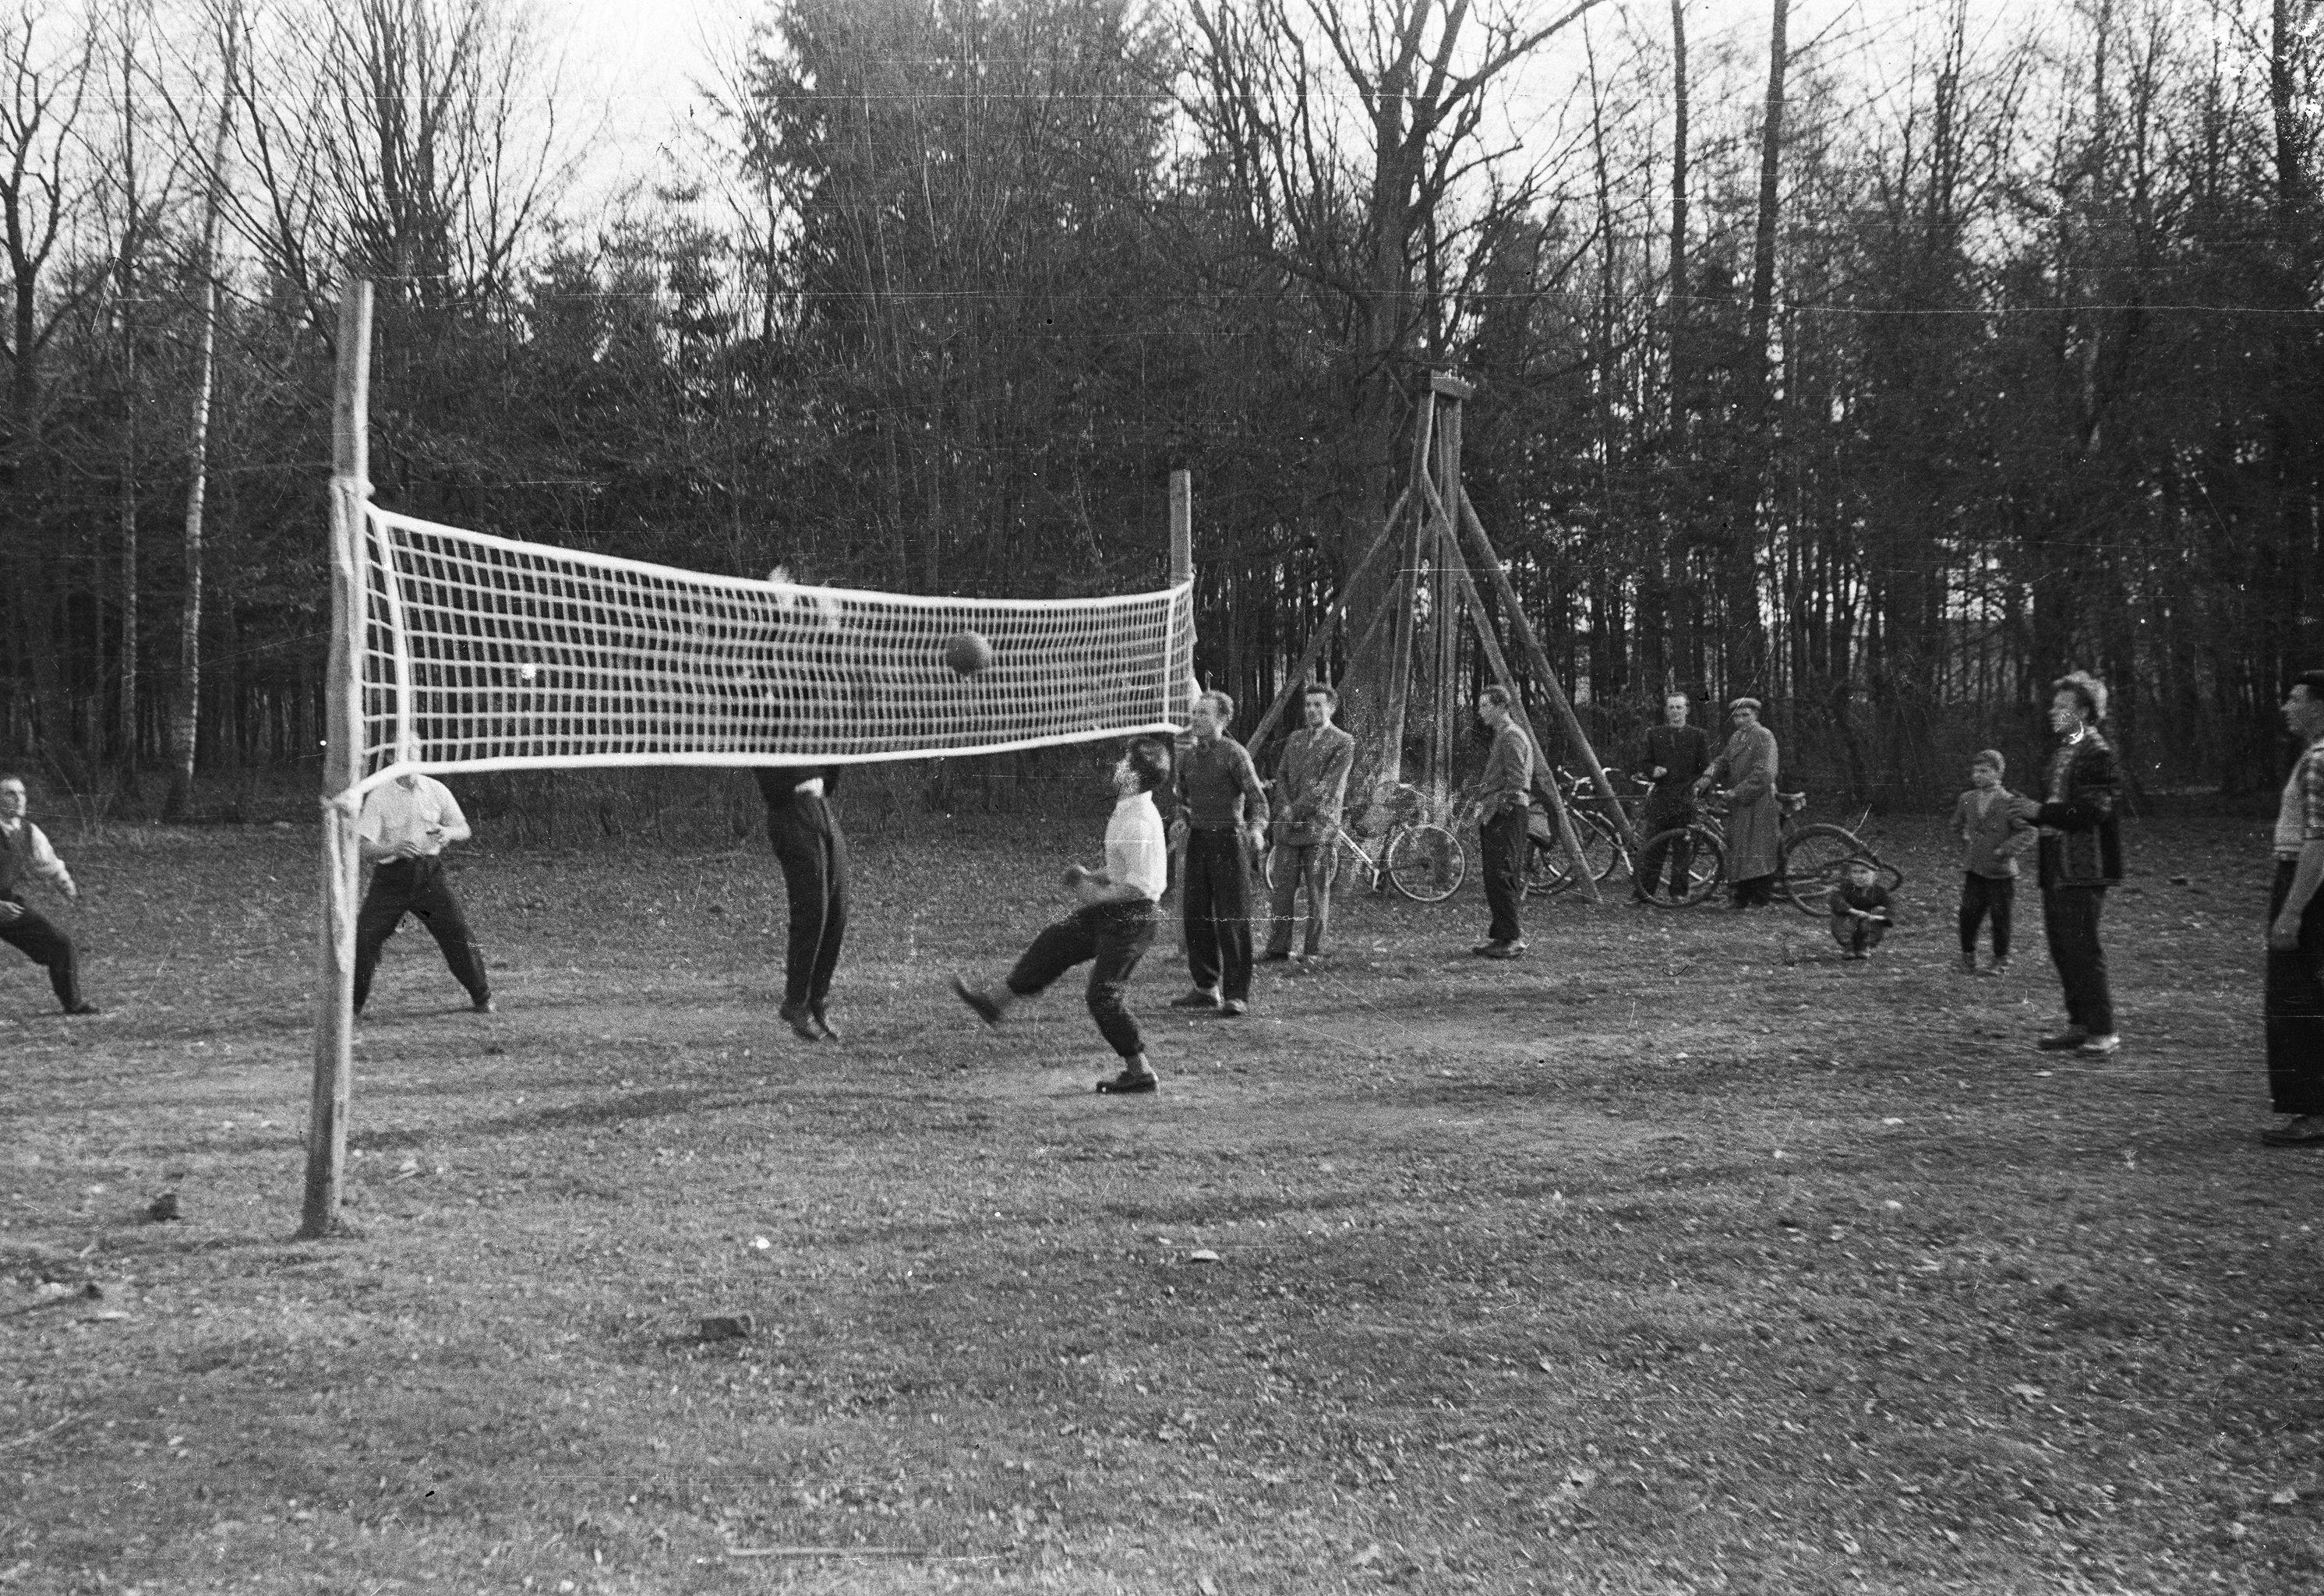 Gra w siatkówkę na placu wypoczynkowym pod parkiem, Brzózka, Dolny Śląsk, lata 50. XX w.